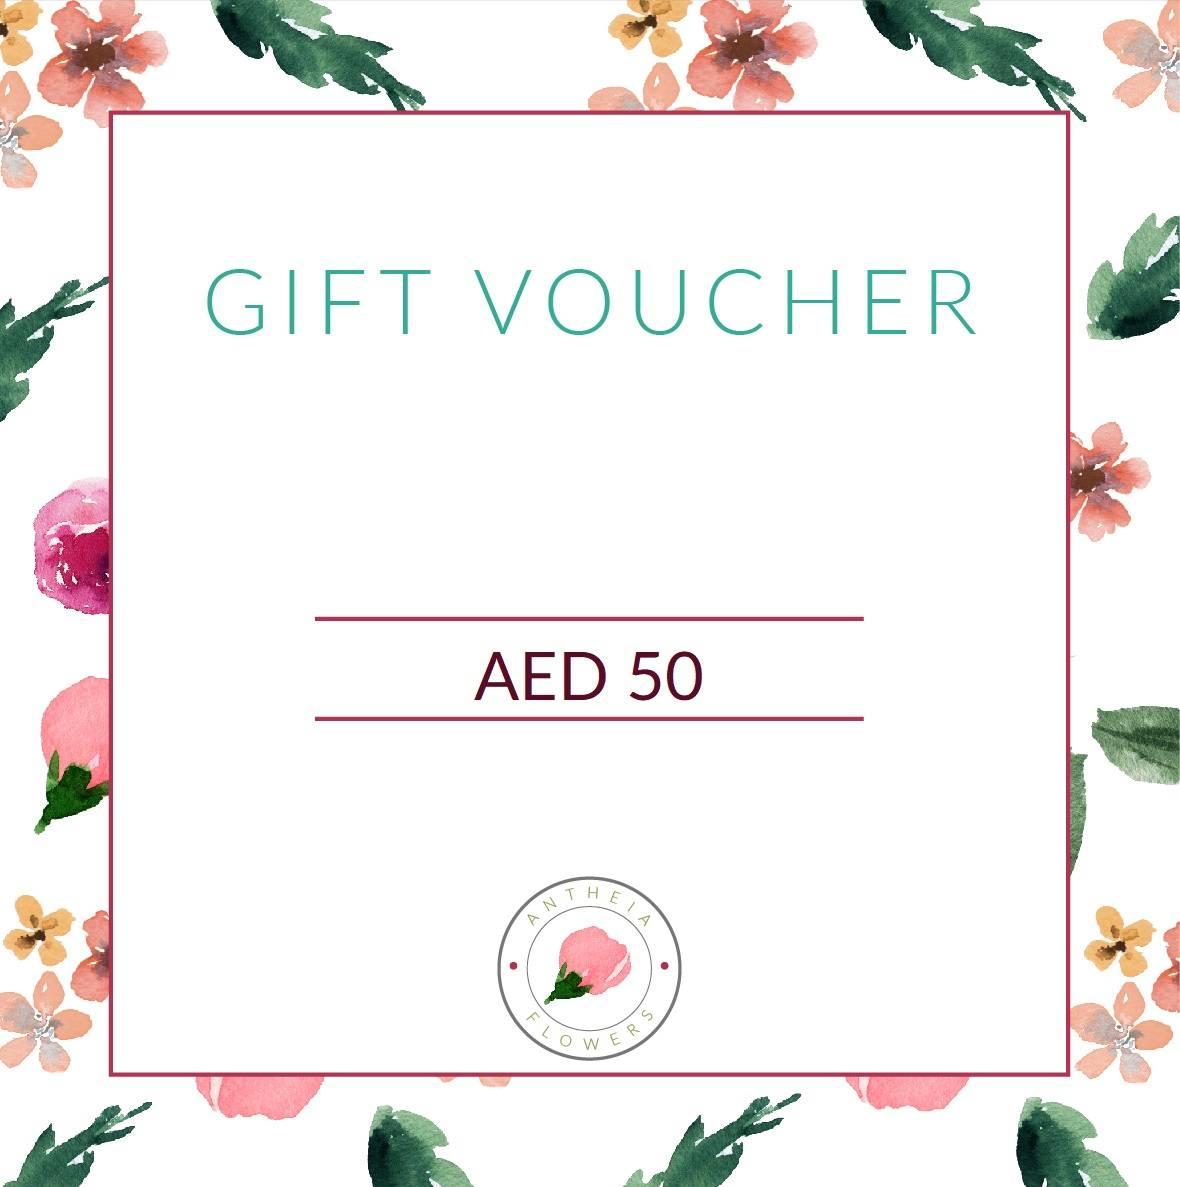 Gift Voucher AED 50